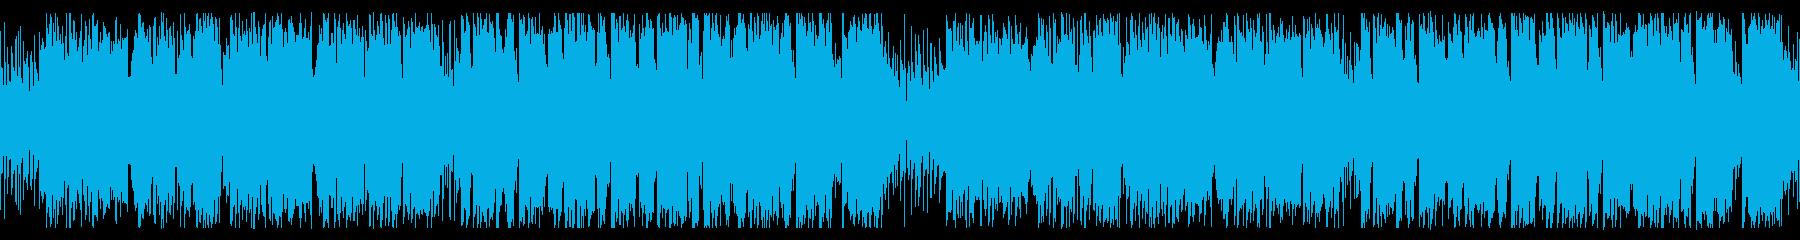 旅、山岳地帯なイメージの民族音楽_ループの再生済みの波形